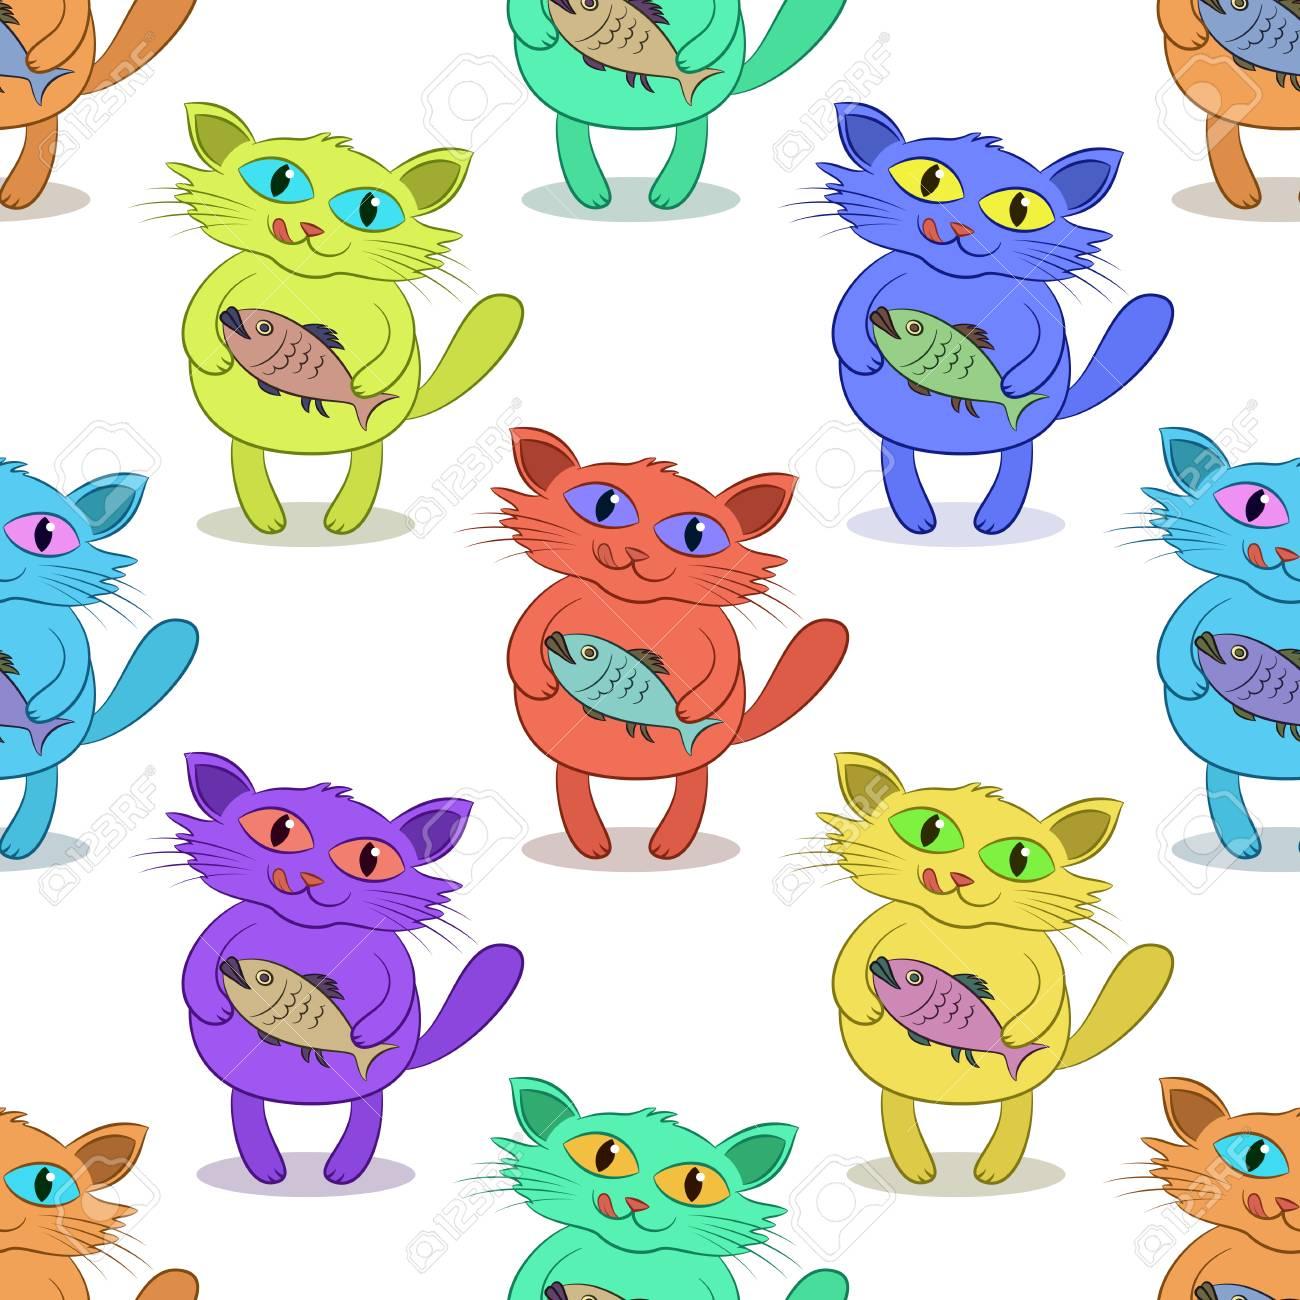 Patrón De Azulejos, Dibujos Animados Divertidos Gato Colorido Con ...